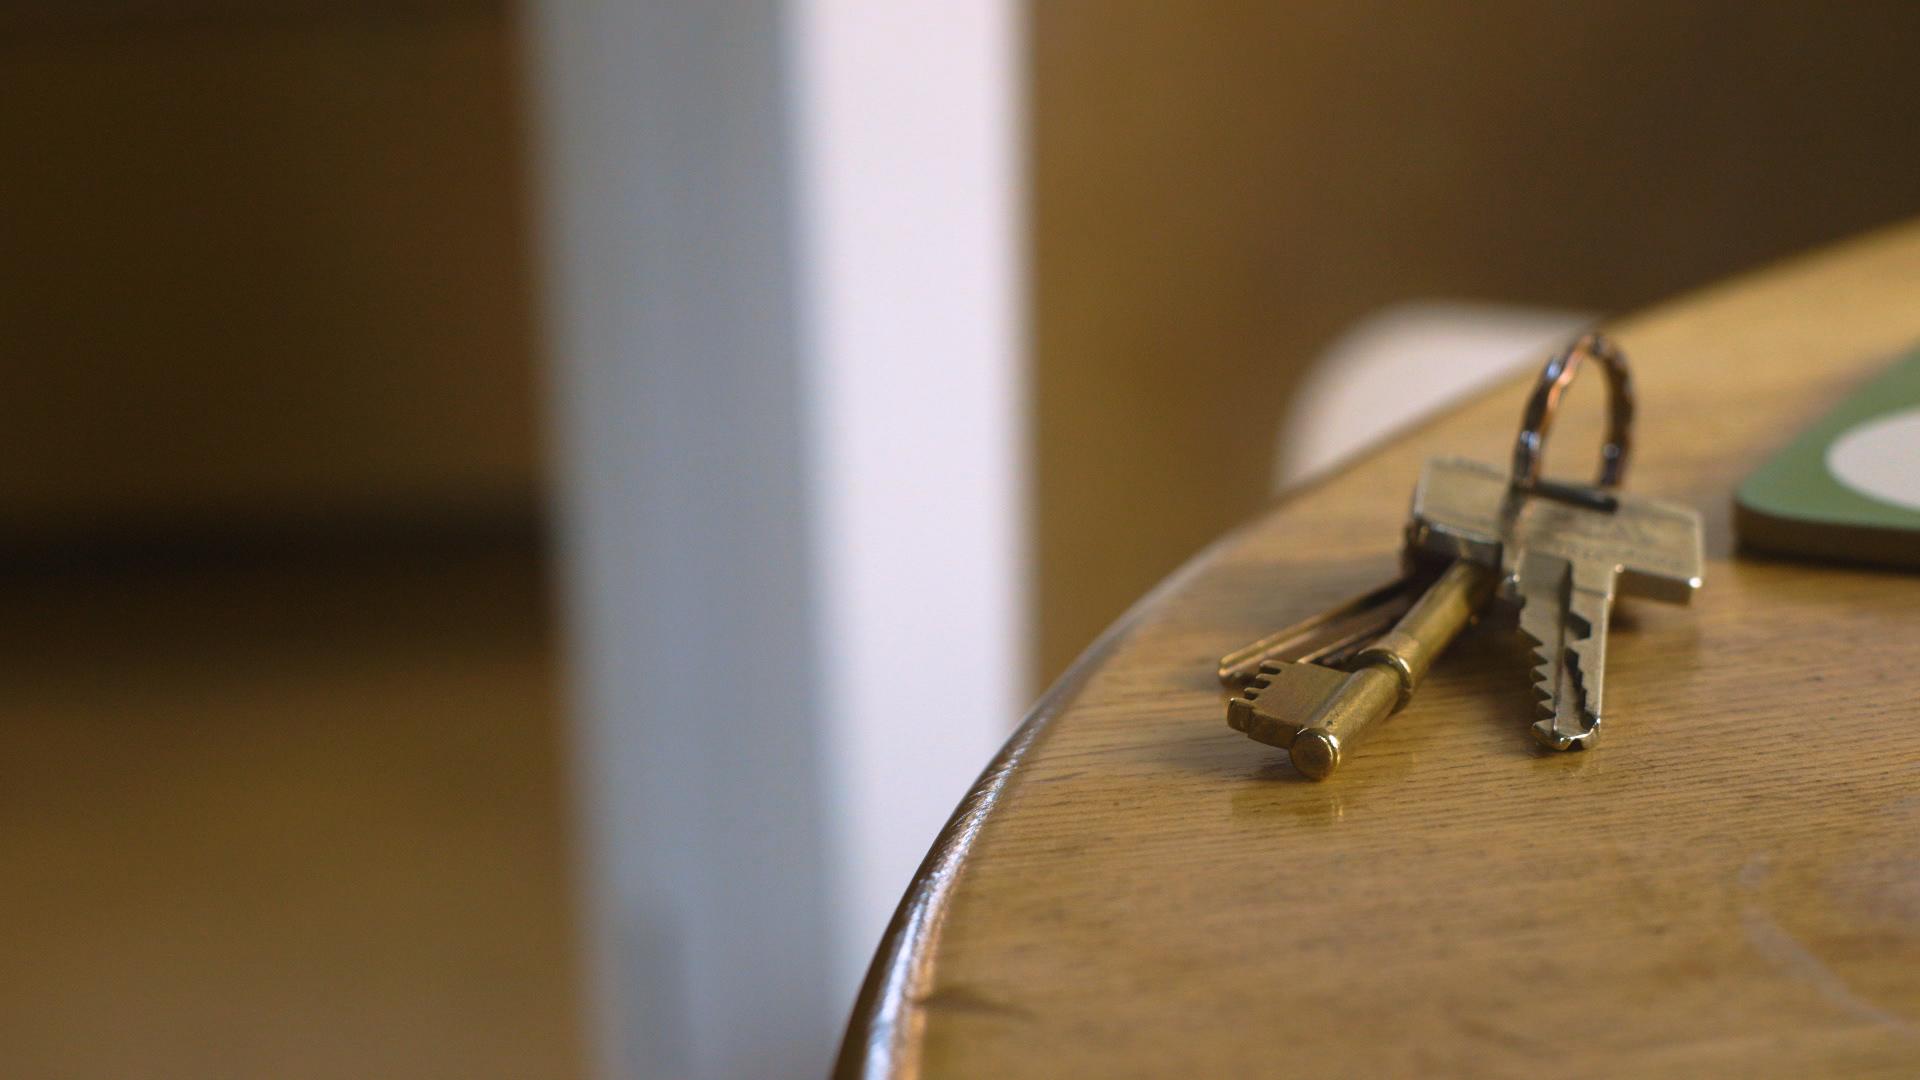 Front door keys on table